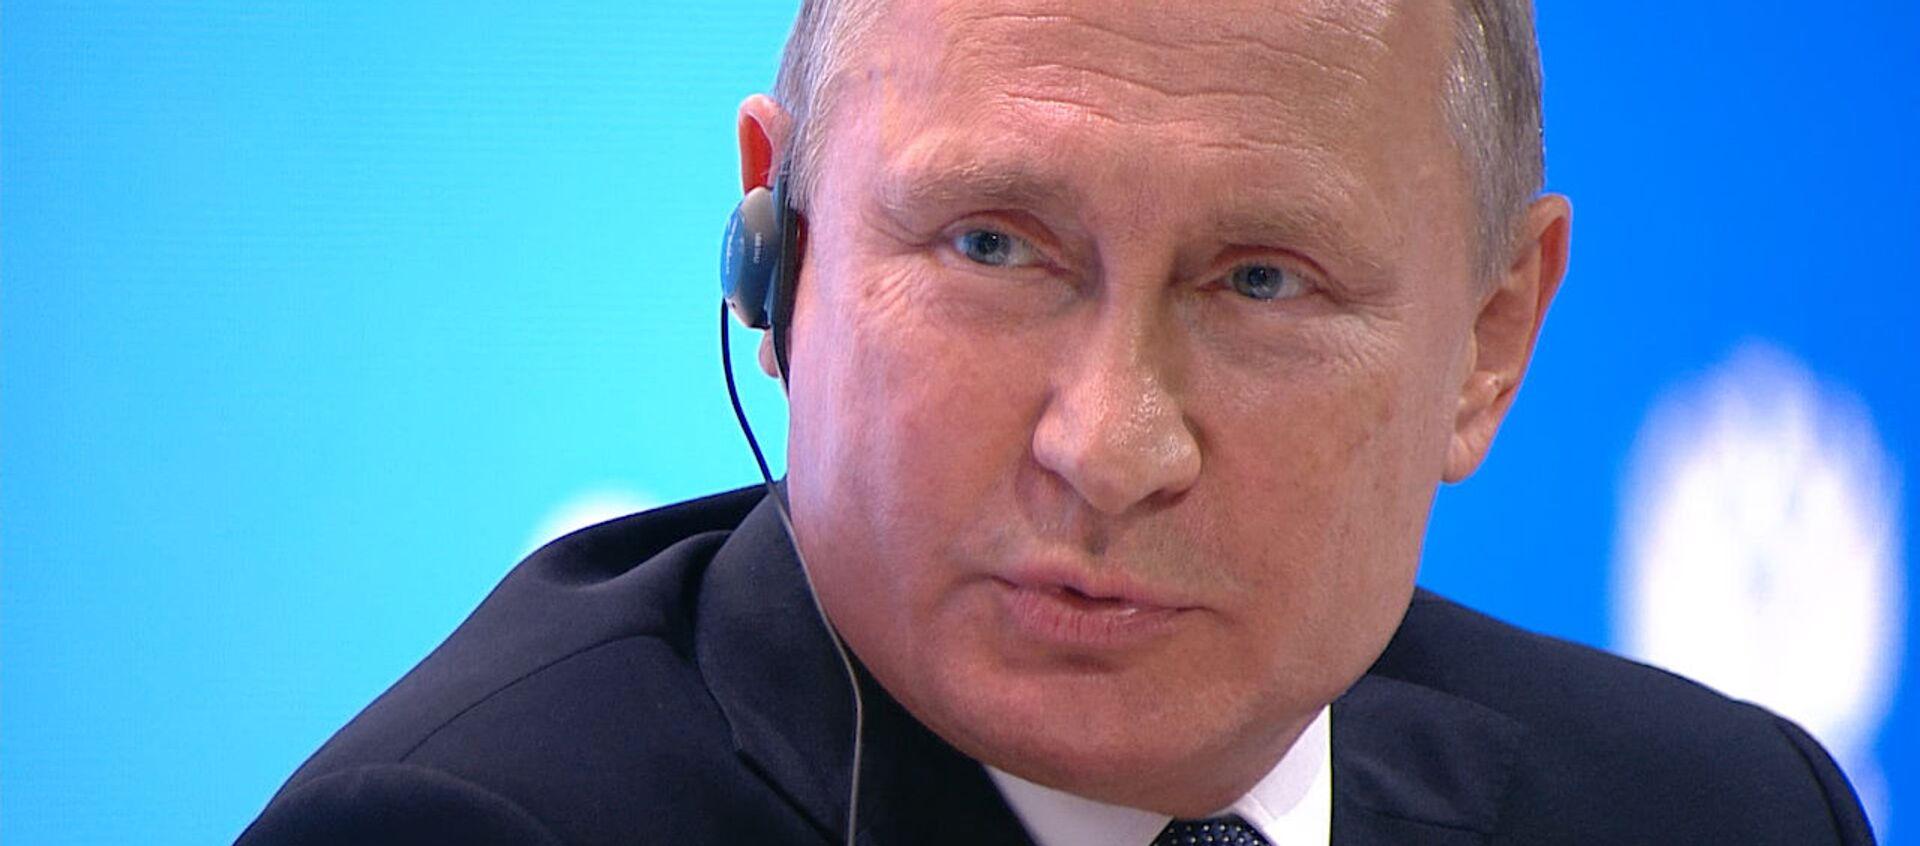 Предатель Родины: Путин о Скрипале - Sputnik Узбекистан, 1920, 04.10.2018